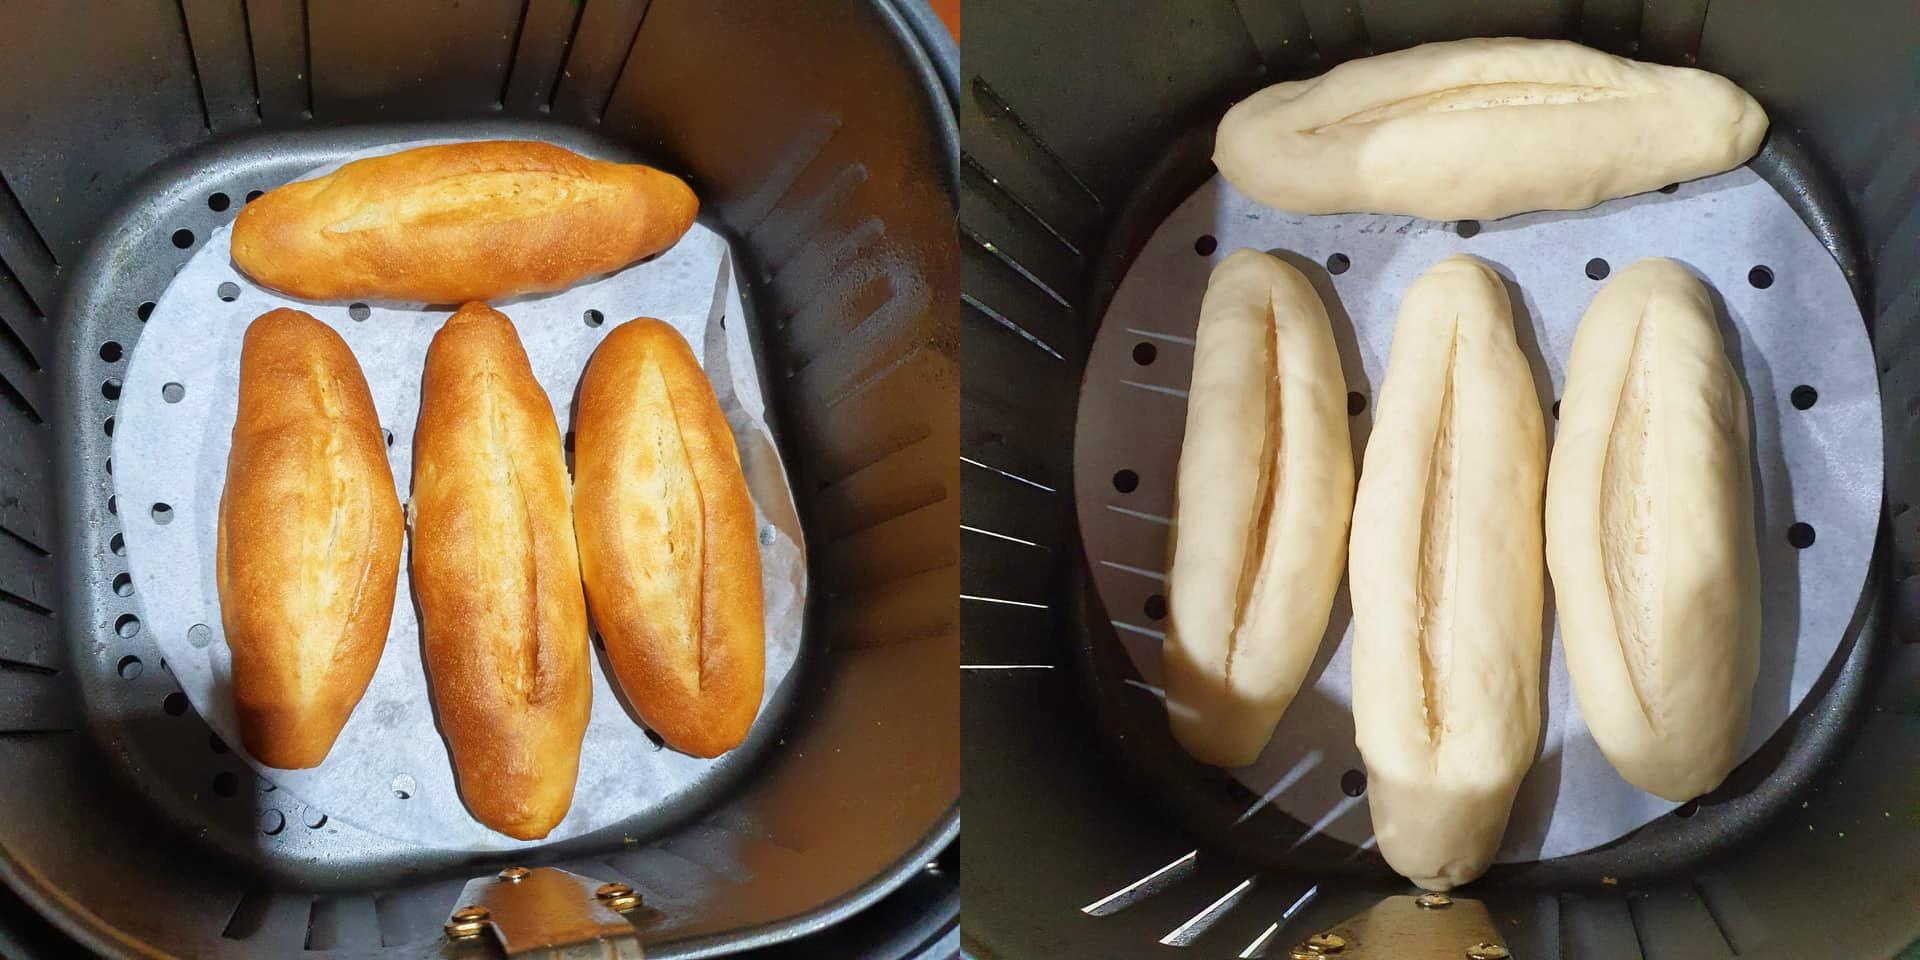 Công thức chuẩn làm bánh mì nhào bột bằng tay dễ dàng, đảm bảo thành công